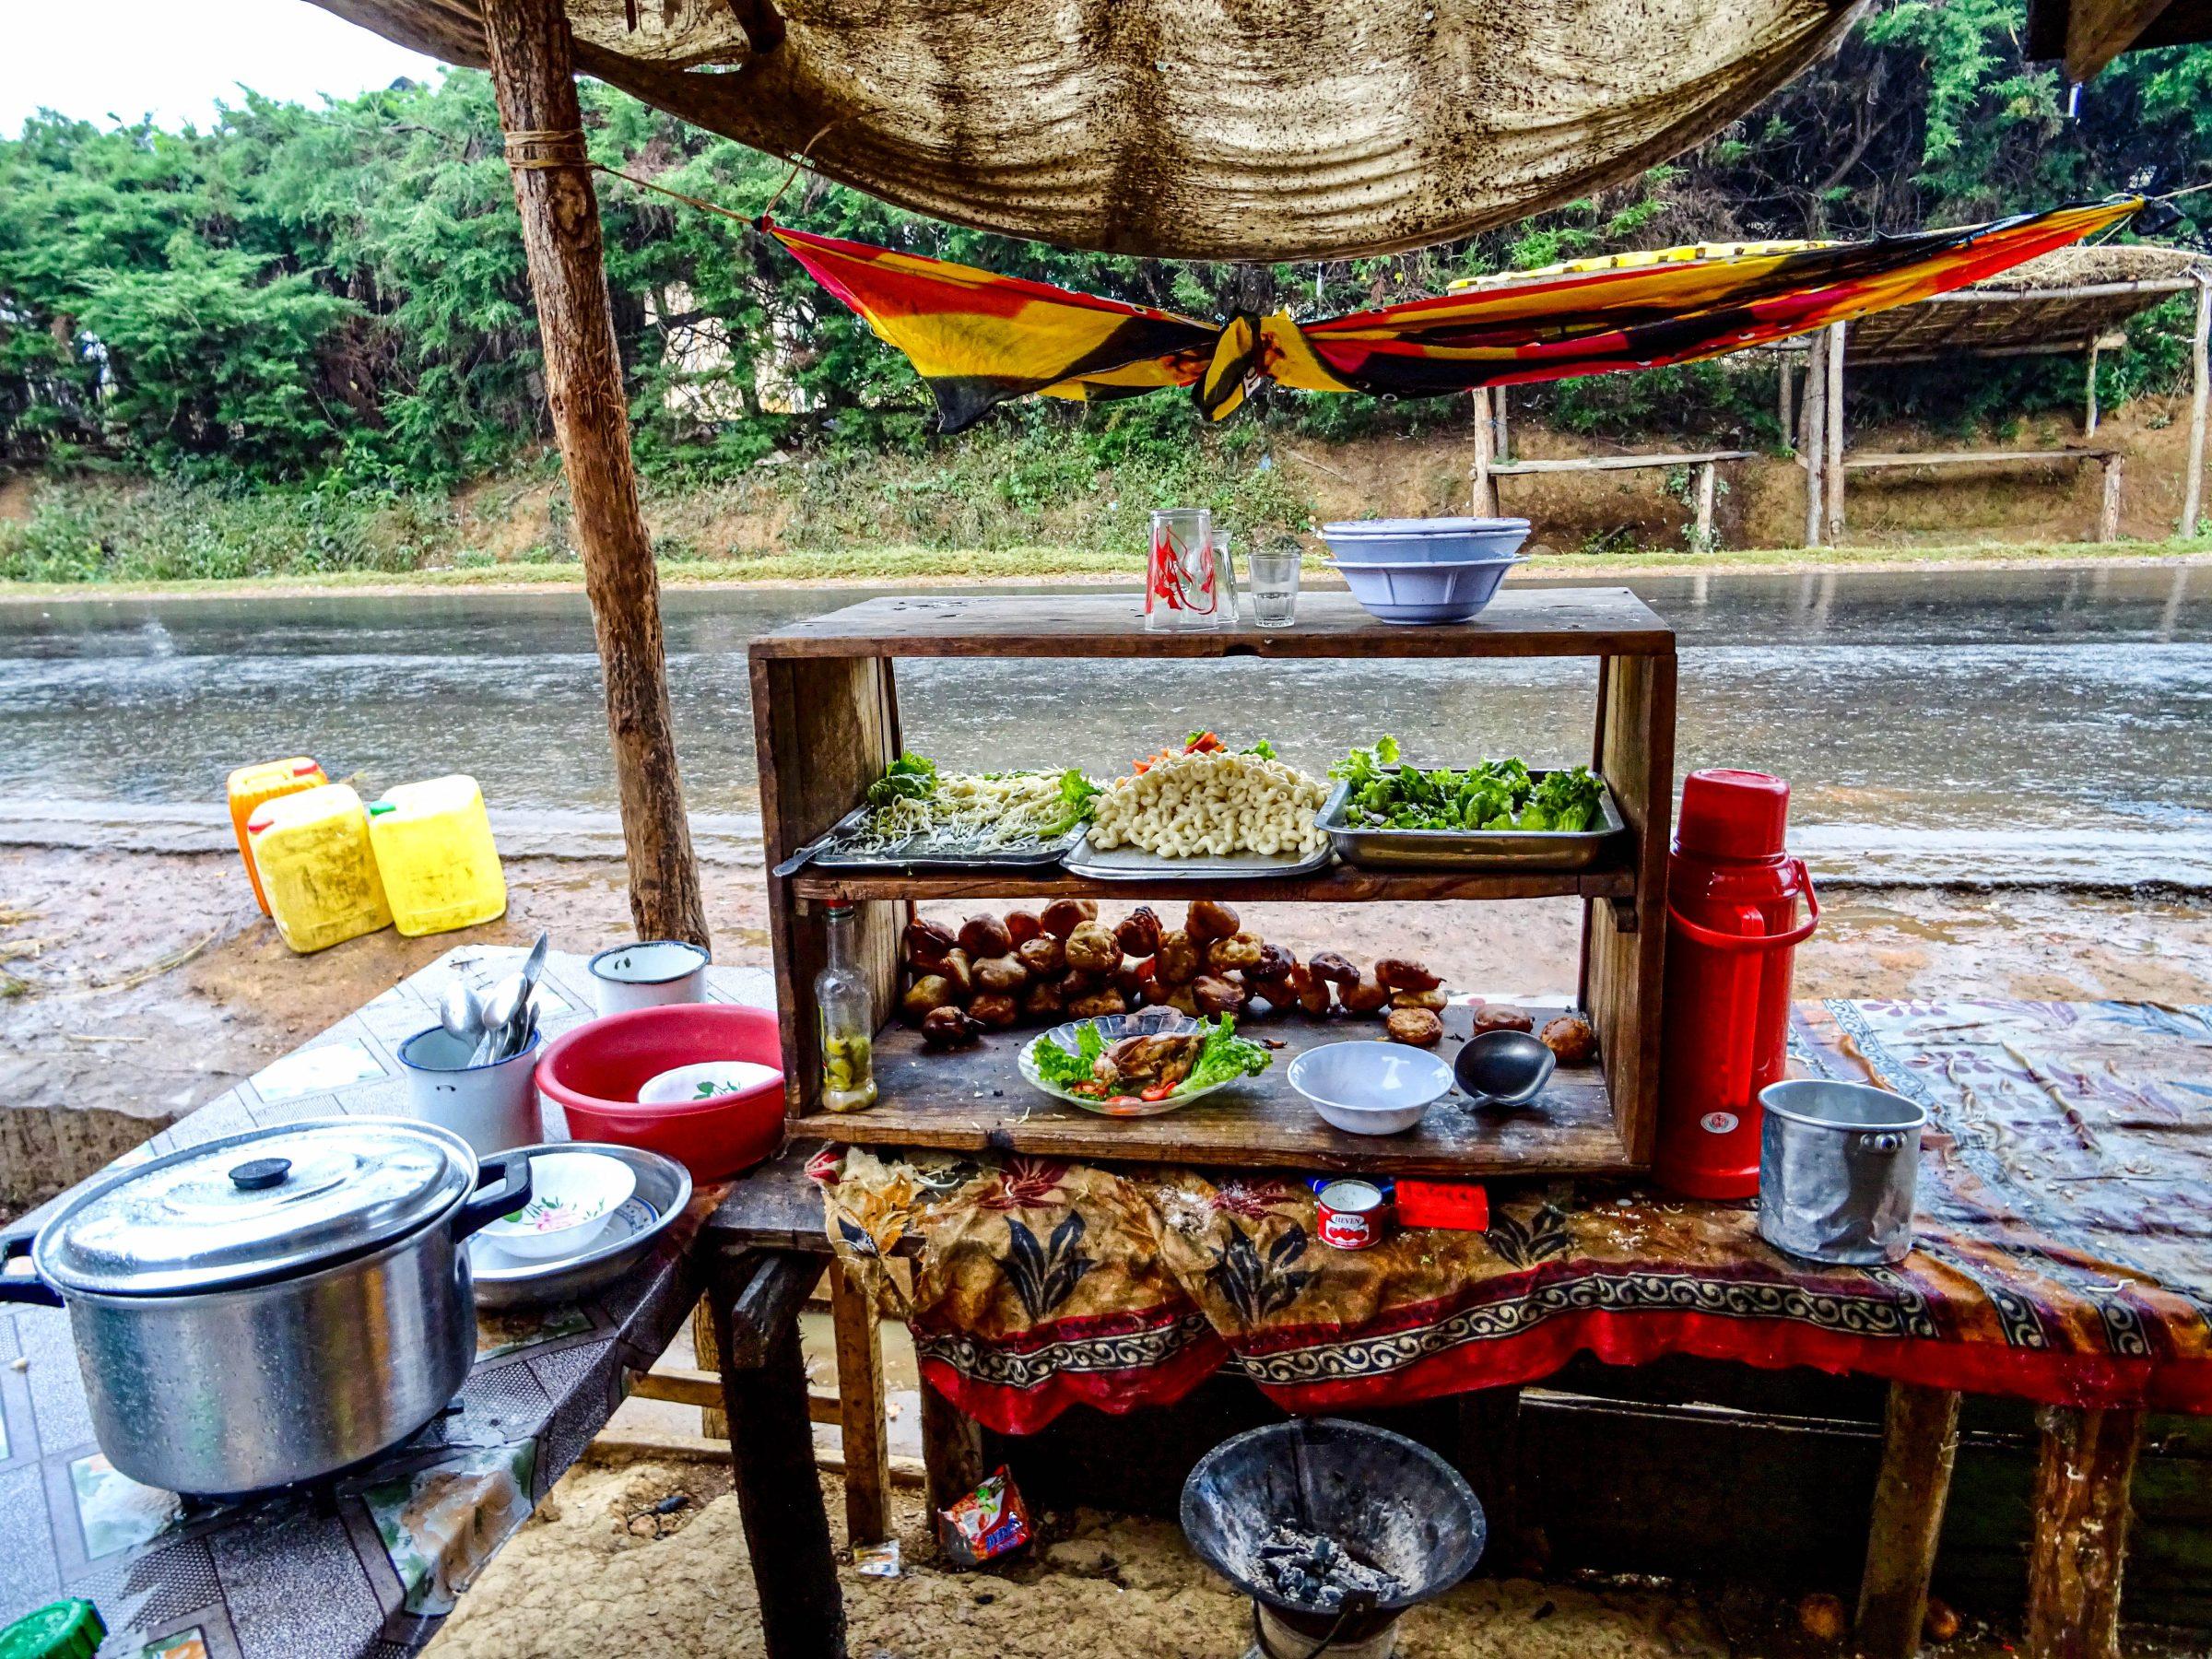 Schuilen voor een hoosbui in een snackbar in Larinoro